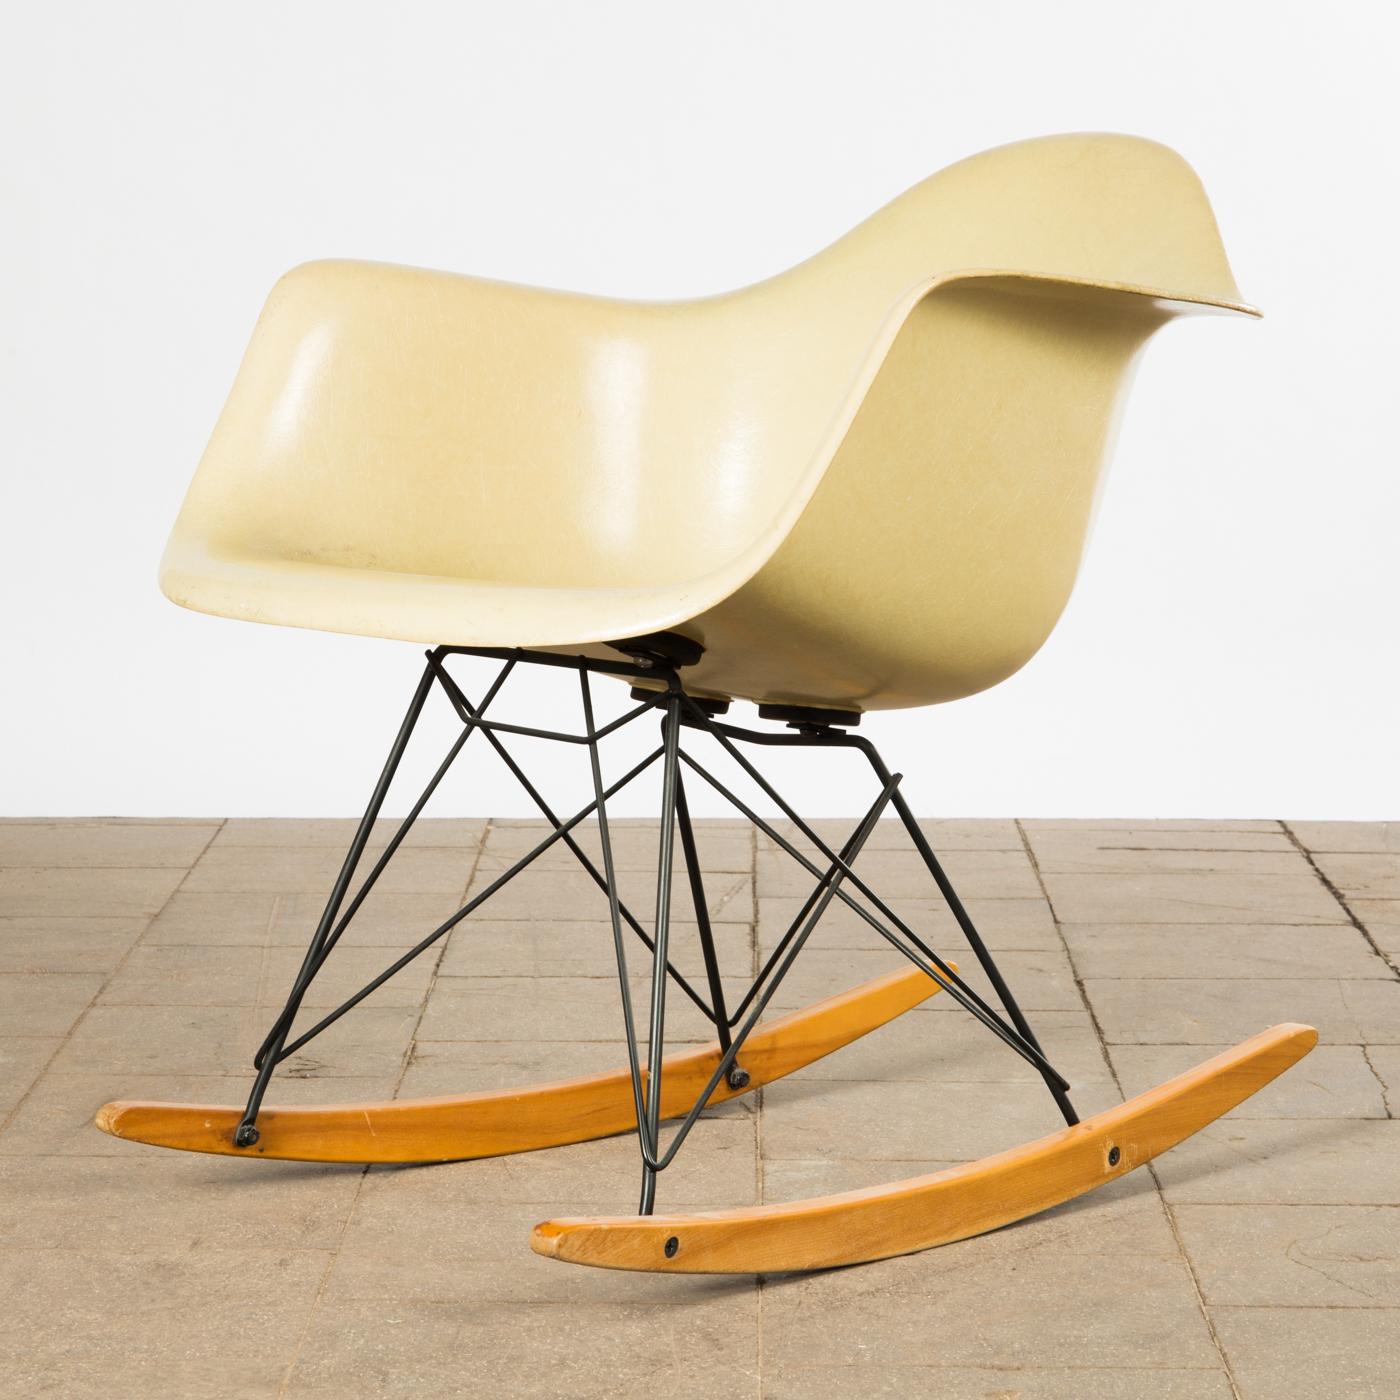 Hervorragend Ray U0026 Charles Eames, Schaukelstuhl, Rocker RAR, 2. Serie Von Zenith Plastics